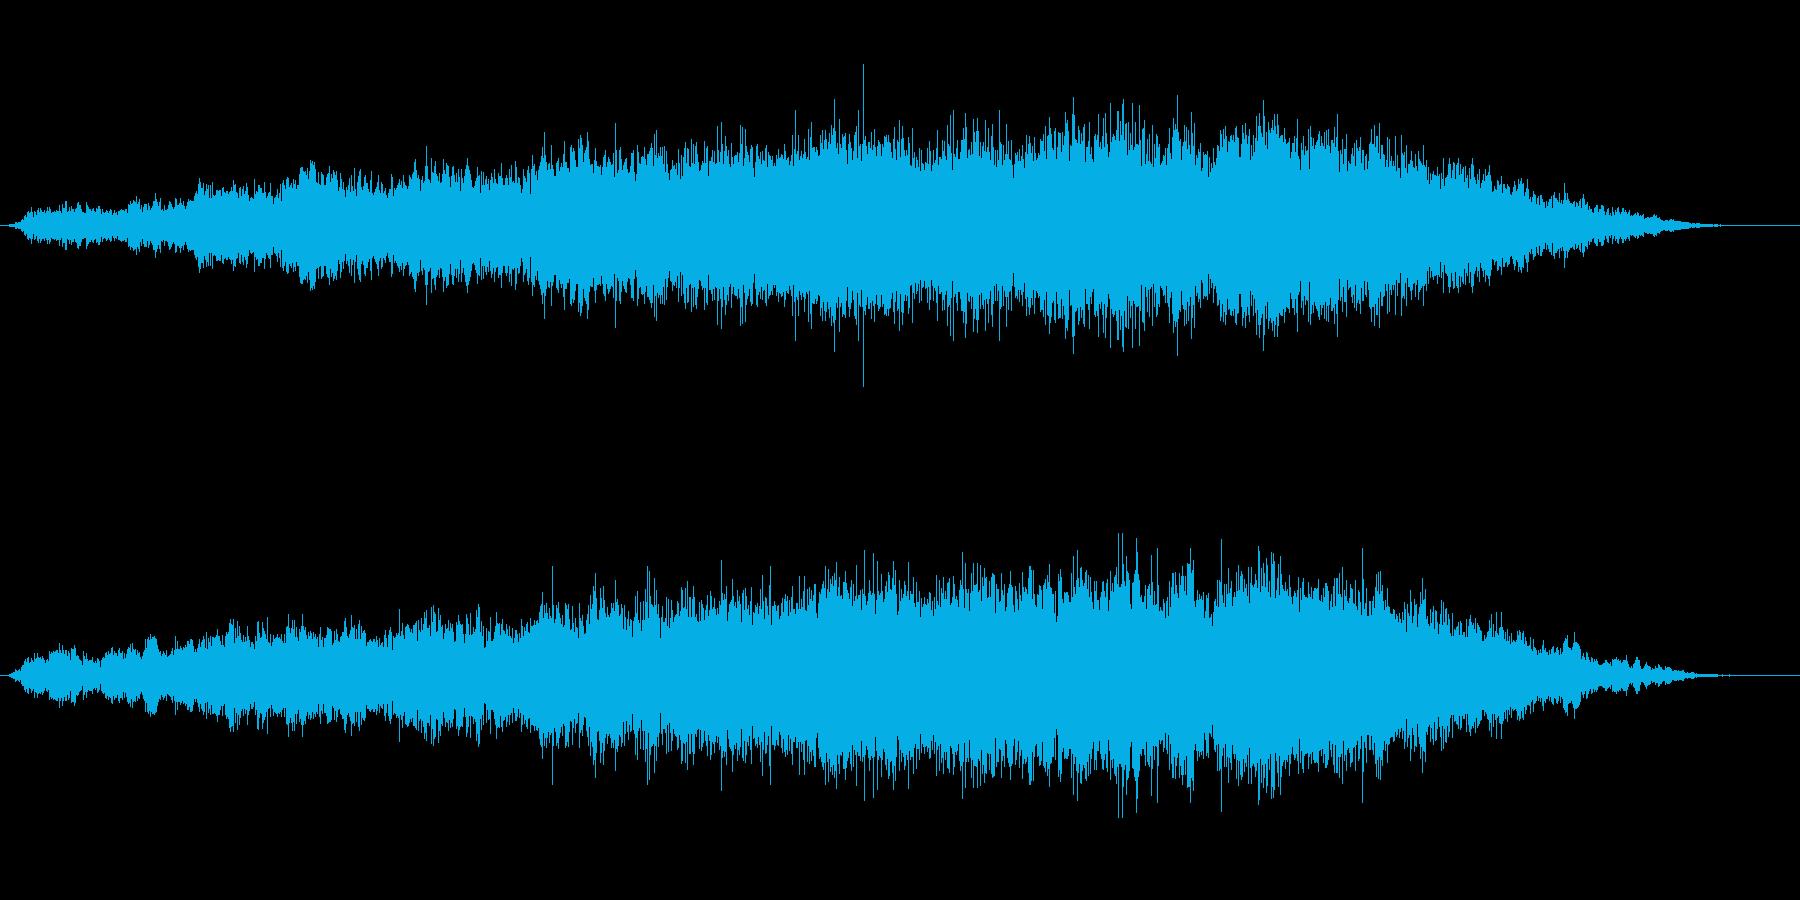 エスニック風な呪文の言葉の神秘的な音風景の再生済みの波形